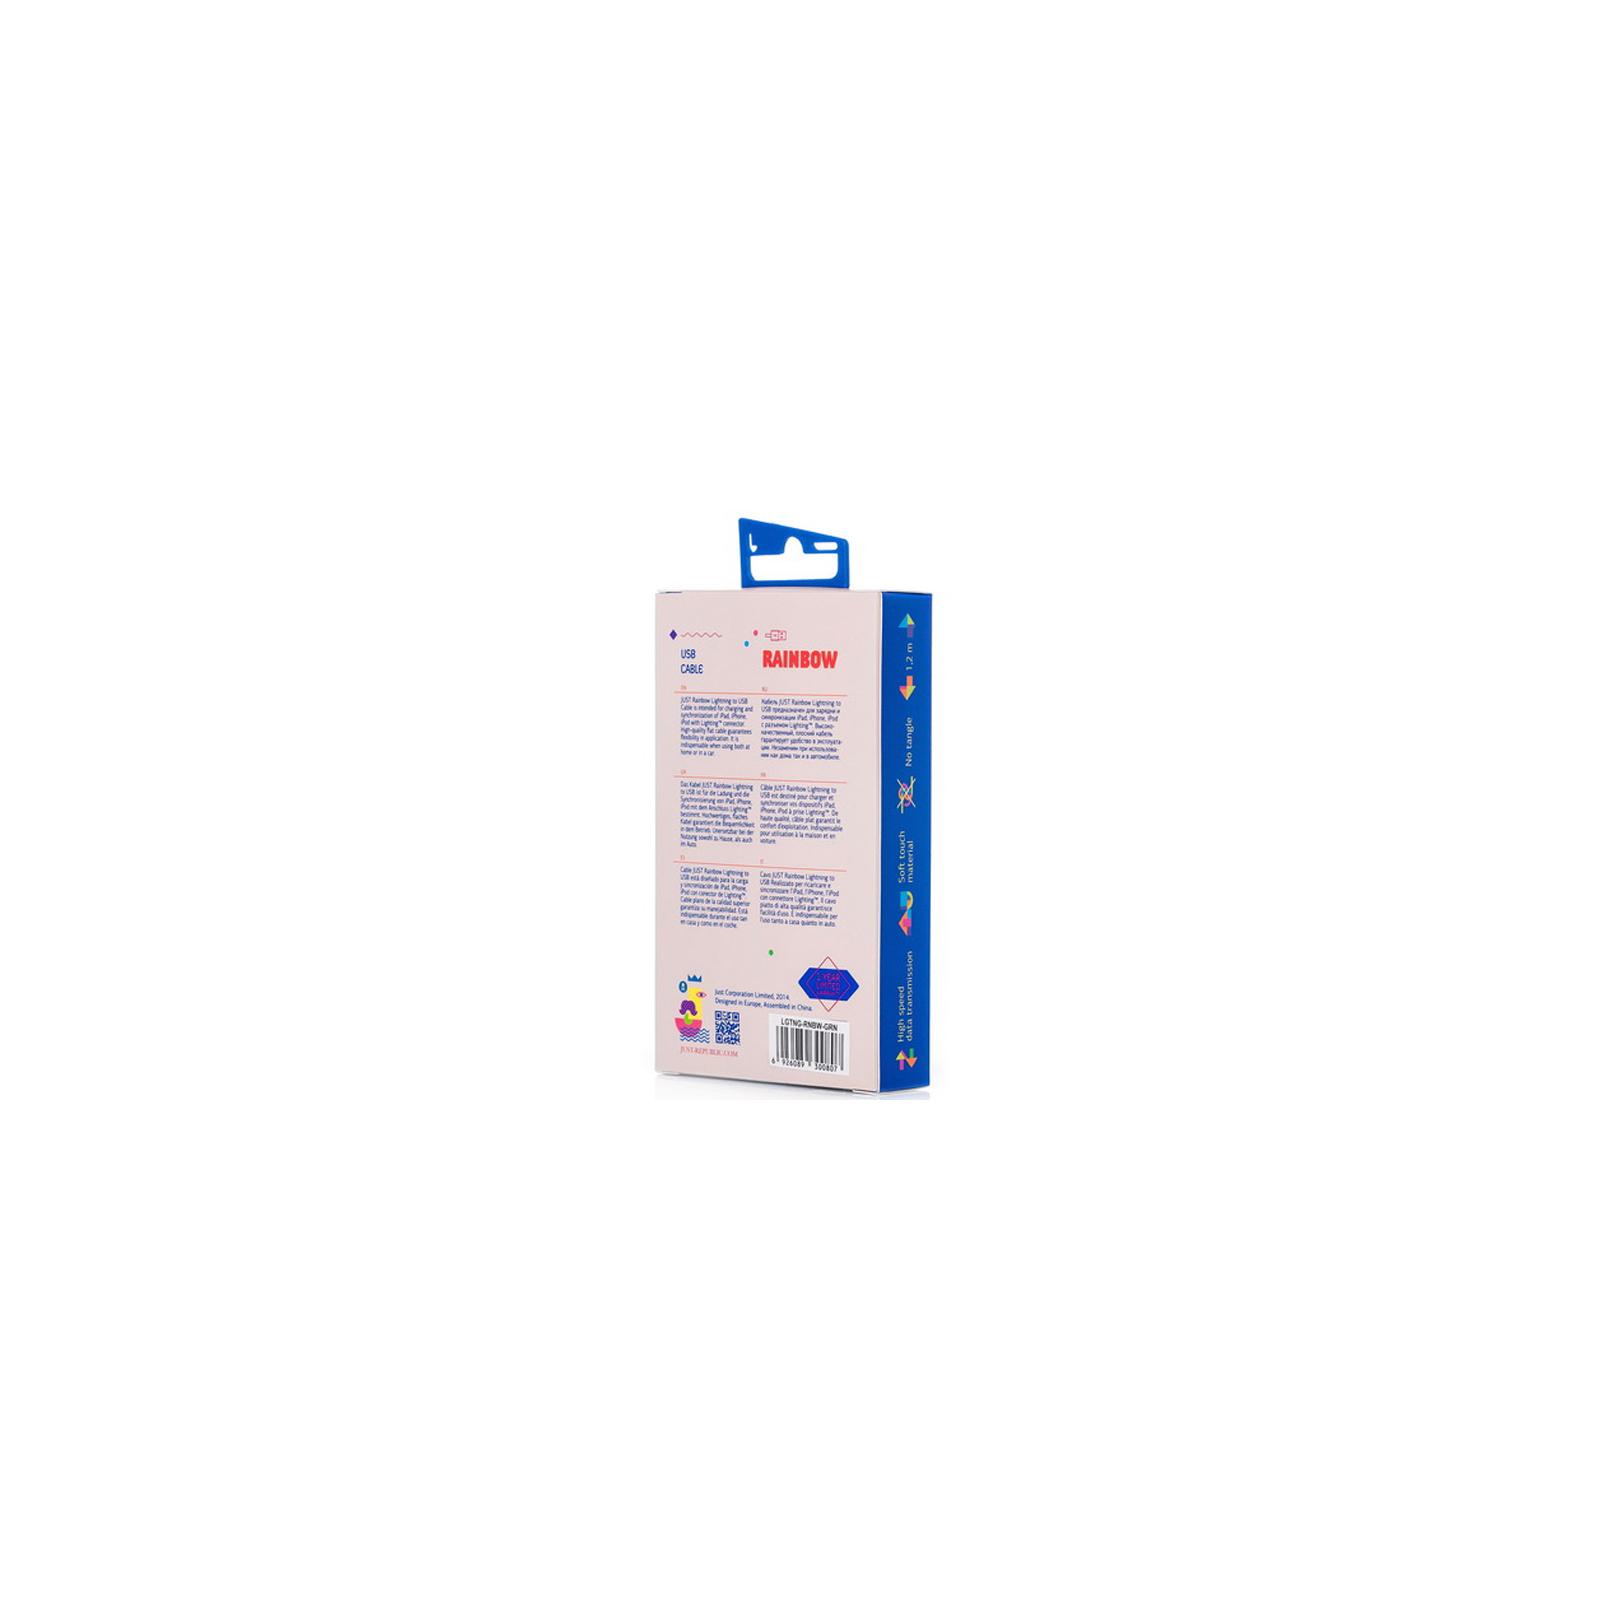 Дата кабель JUST Rainbow Lightning USB Cable Orange (LGTNG-RNBW-RNG) изображение 3